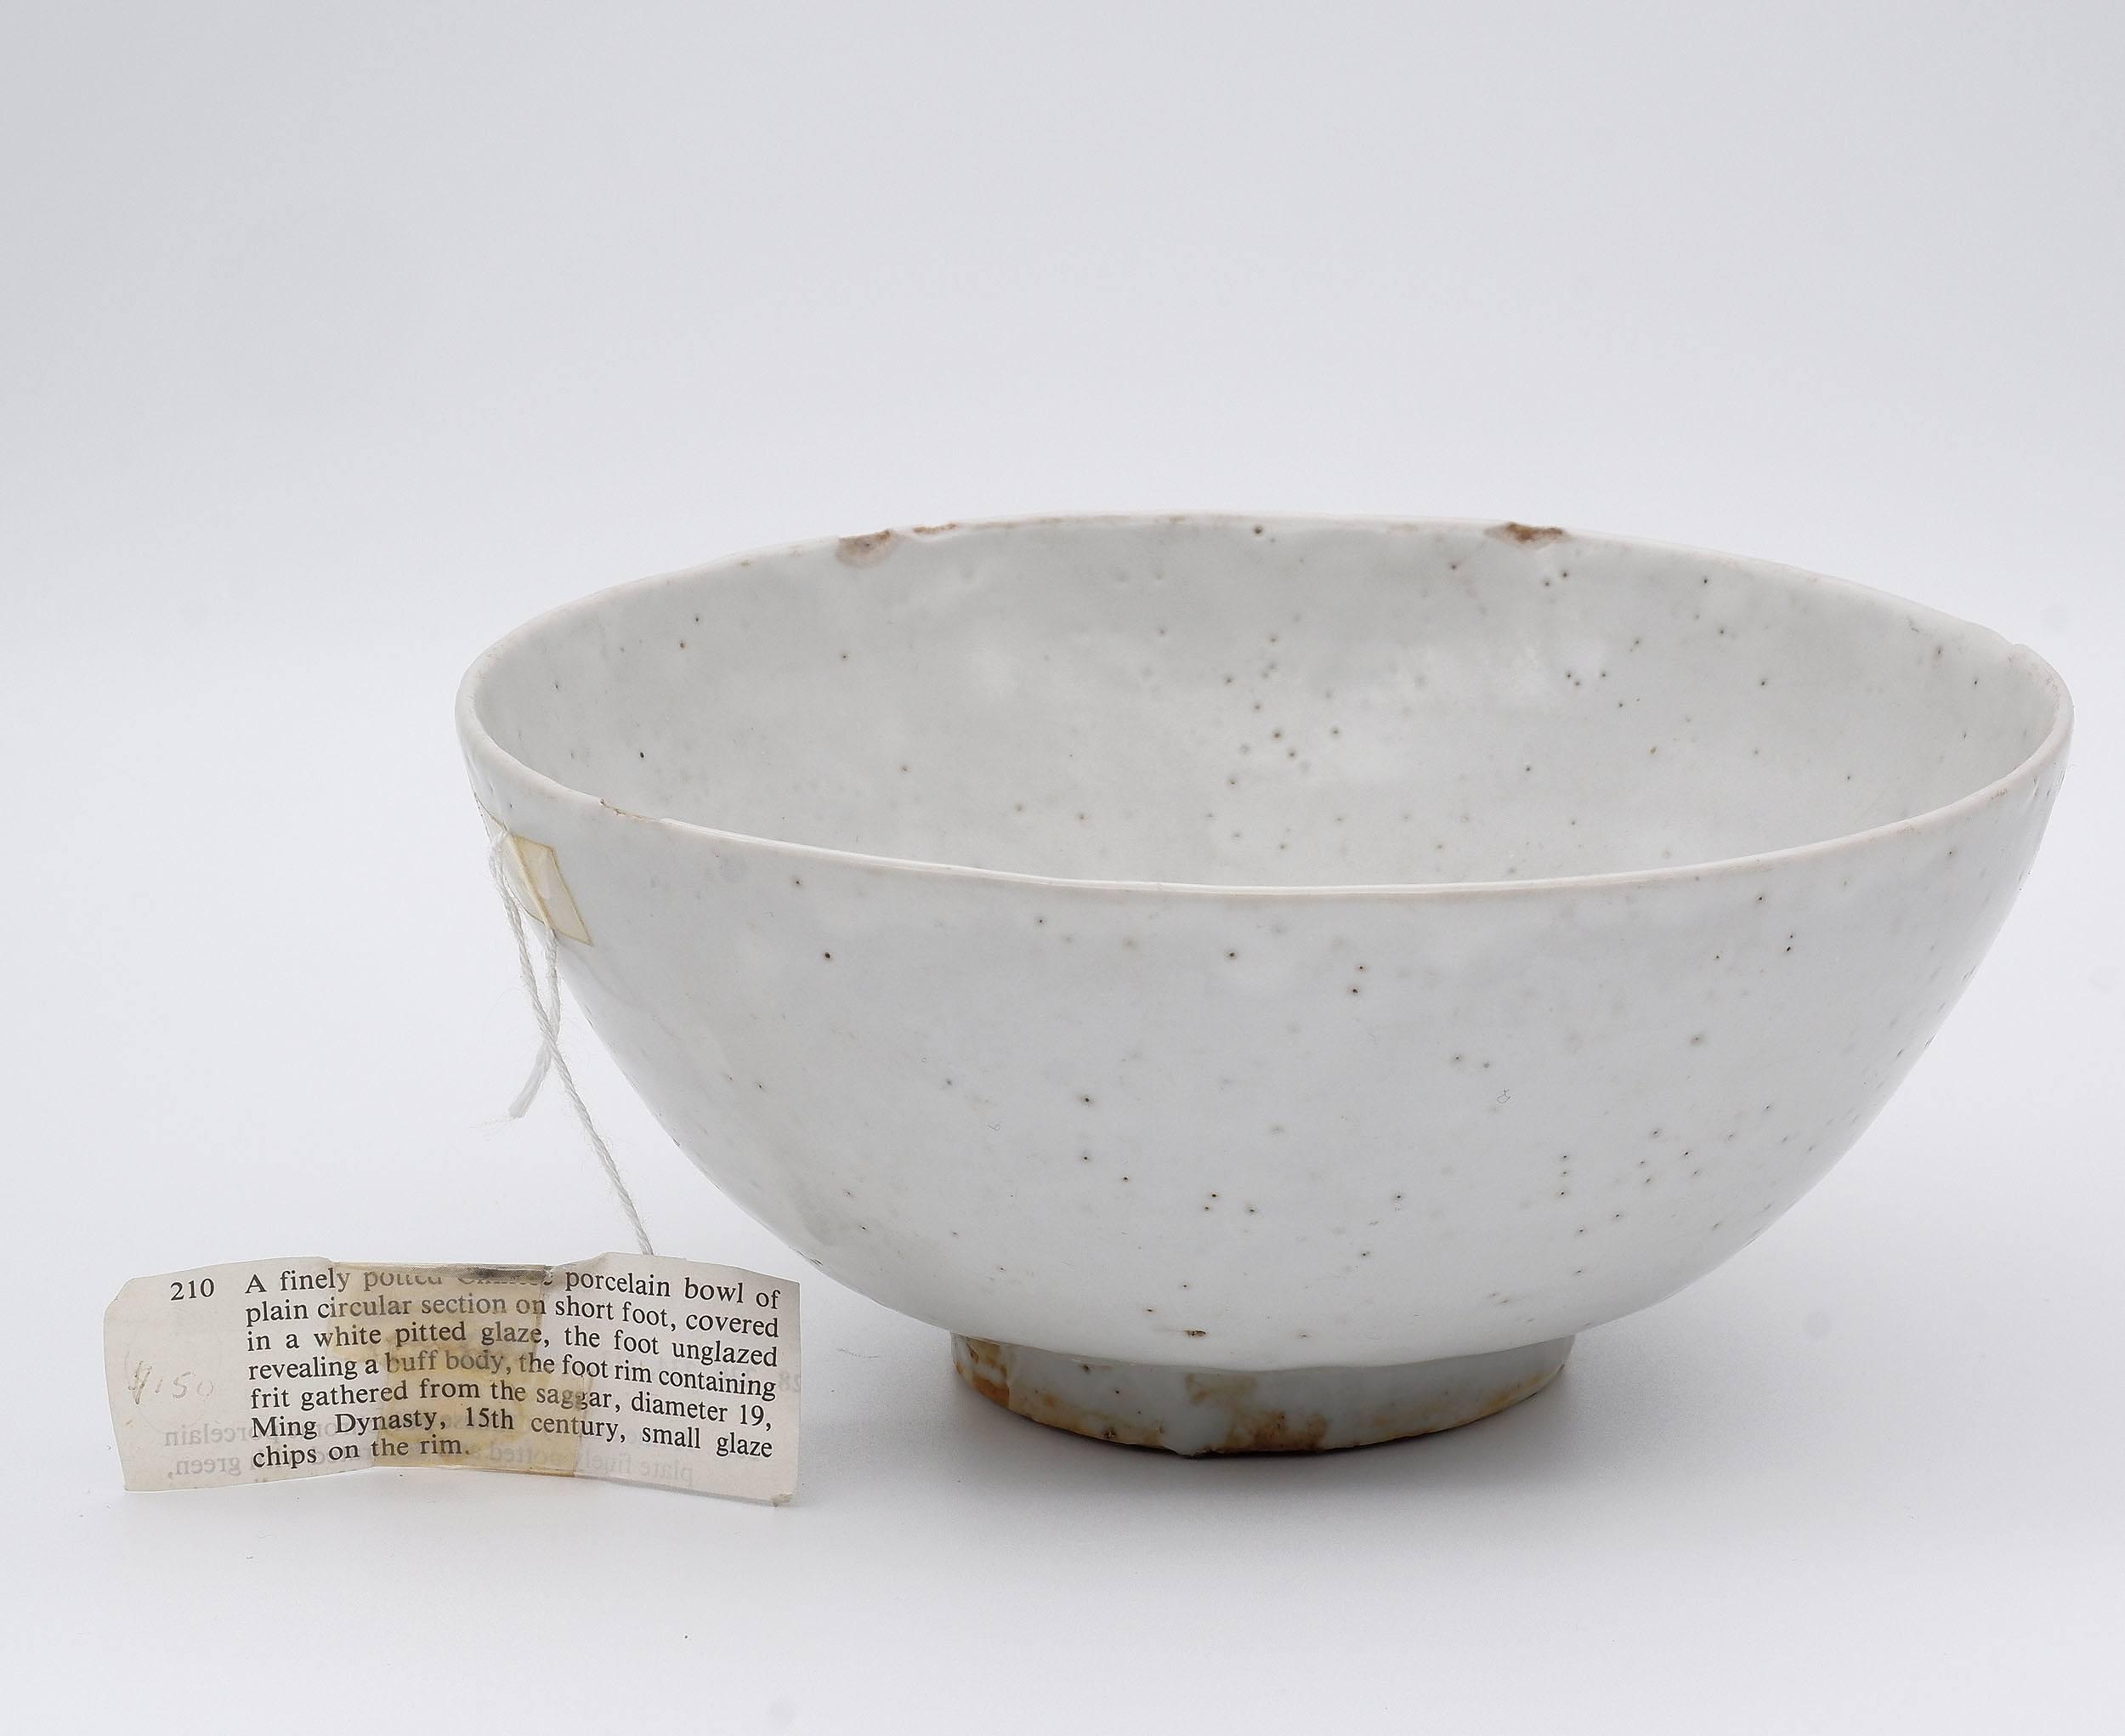 'Chinese Ming Dynasty White Glazed Stoneware Bowl, Ming Dynasty 15th Century'